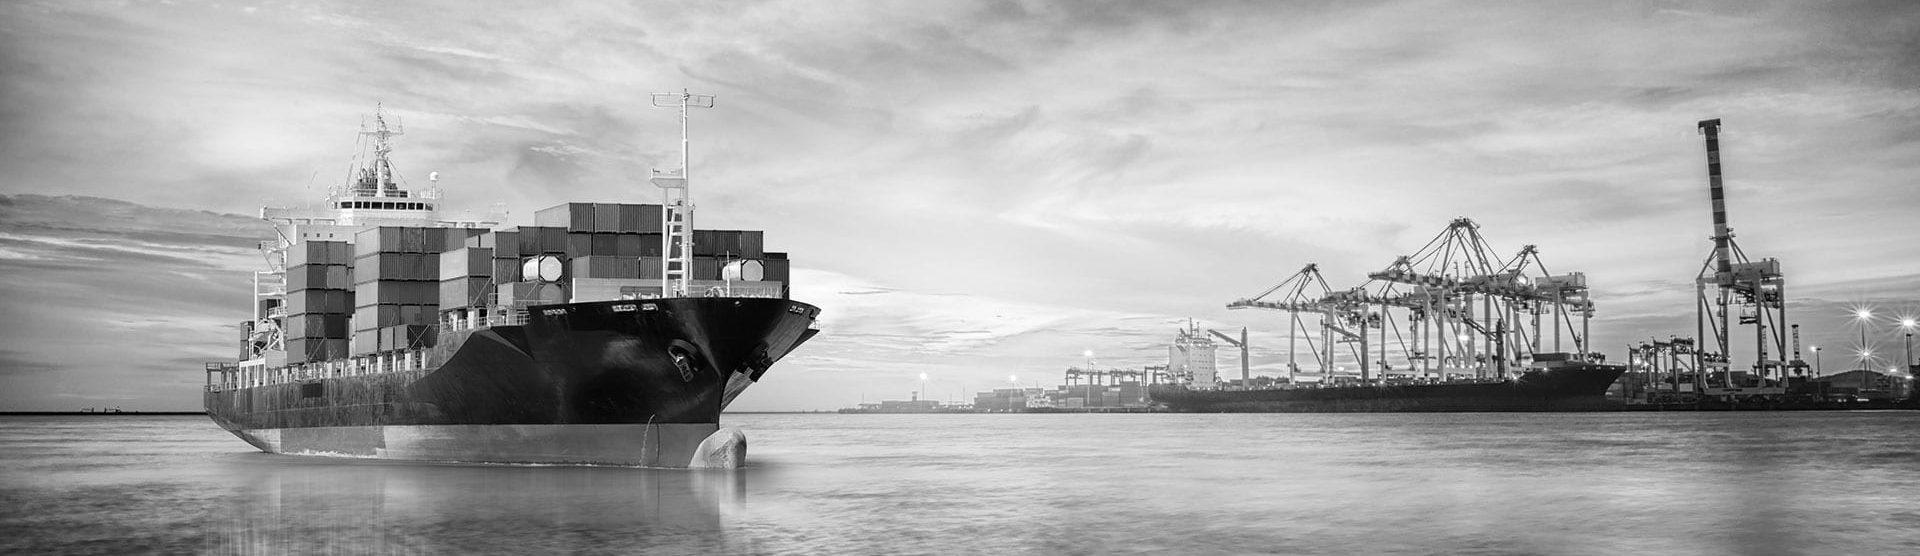 vrachtschip vaart haven in